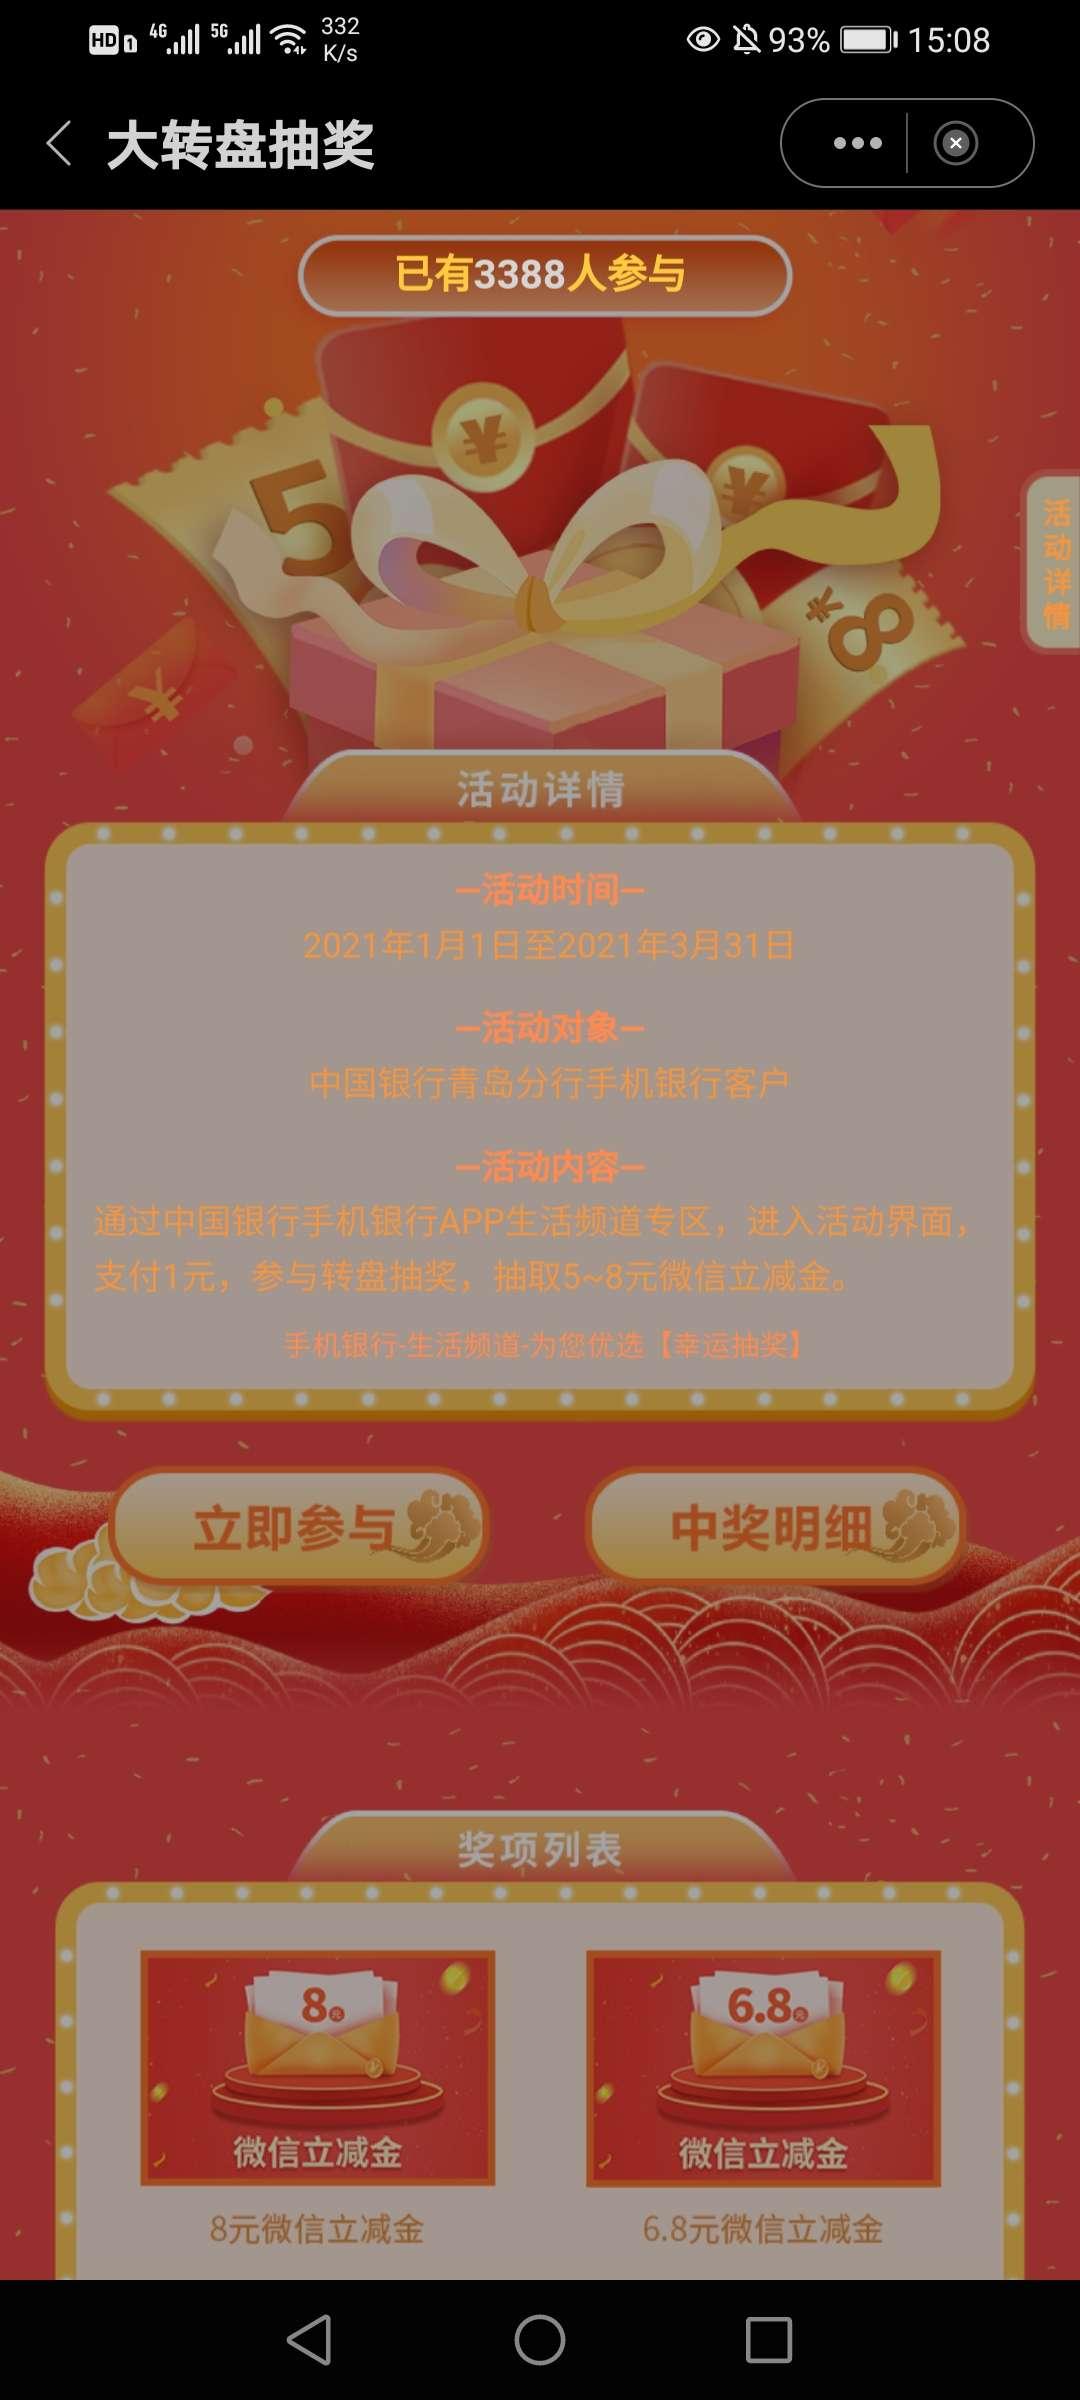 图片[1]-中国银行抽立减金,必得5元-老友薅羊毛活动线报网